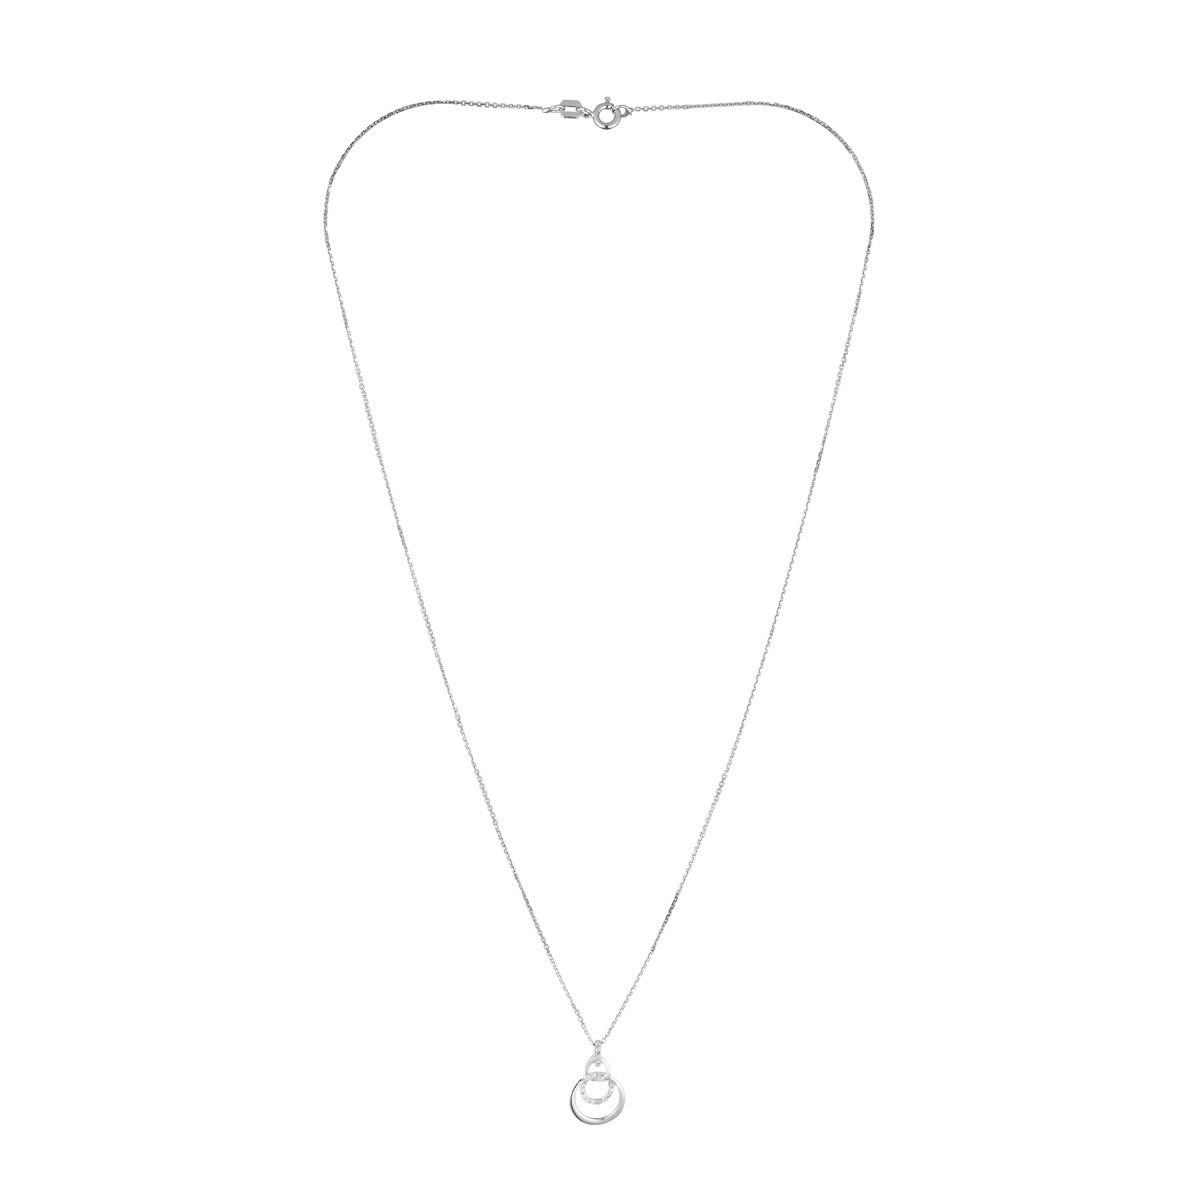 """Pendentif Or Blanc et Diamants 0,06 carat """"NOLA"""" + chaîne argent offerte"""